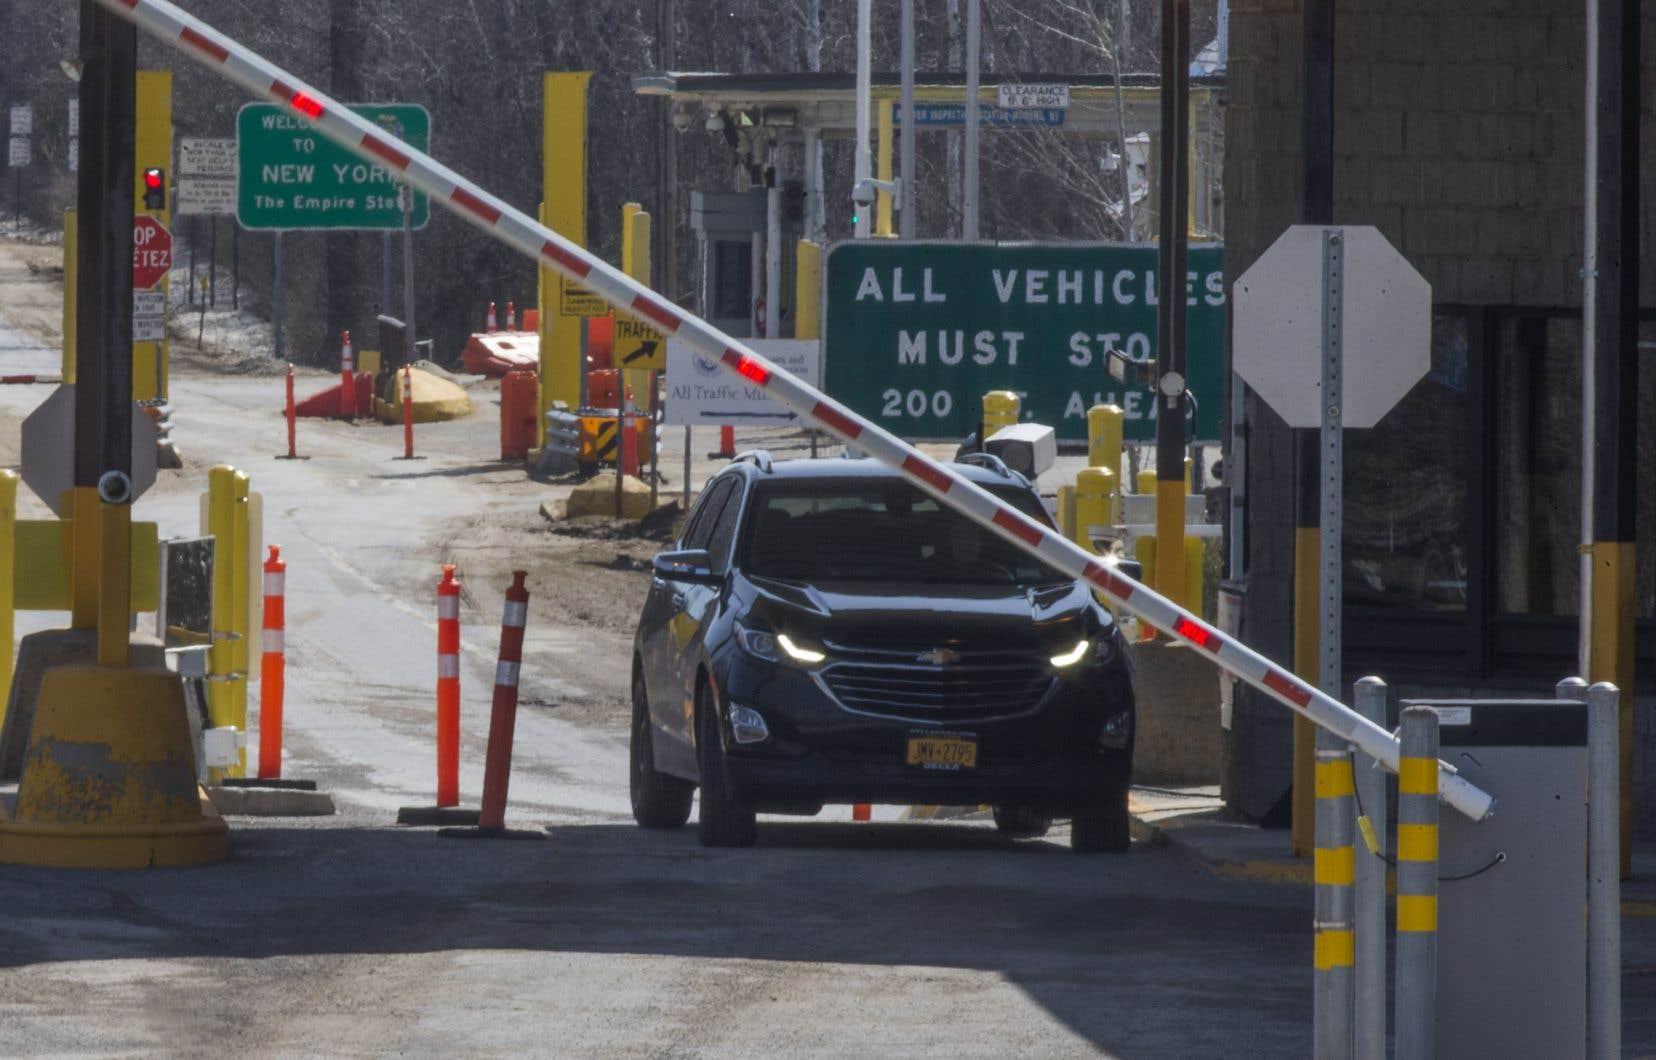 Les travailleurs étrangers temporaires pourront entrer au pays, malgré la fermeture de la frontière entre le Canada et les États-Unis et d'autres restrictions de déplacement.